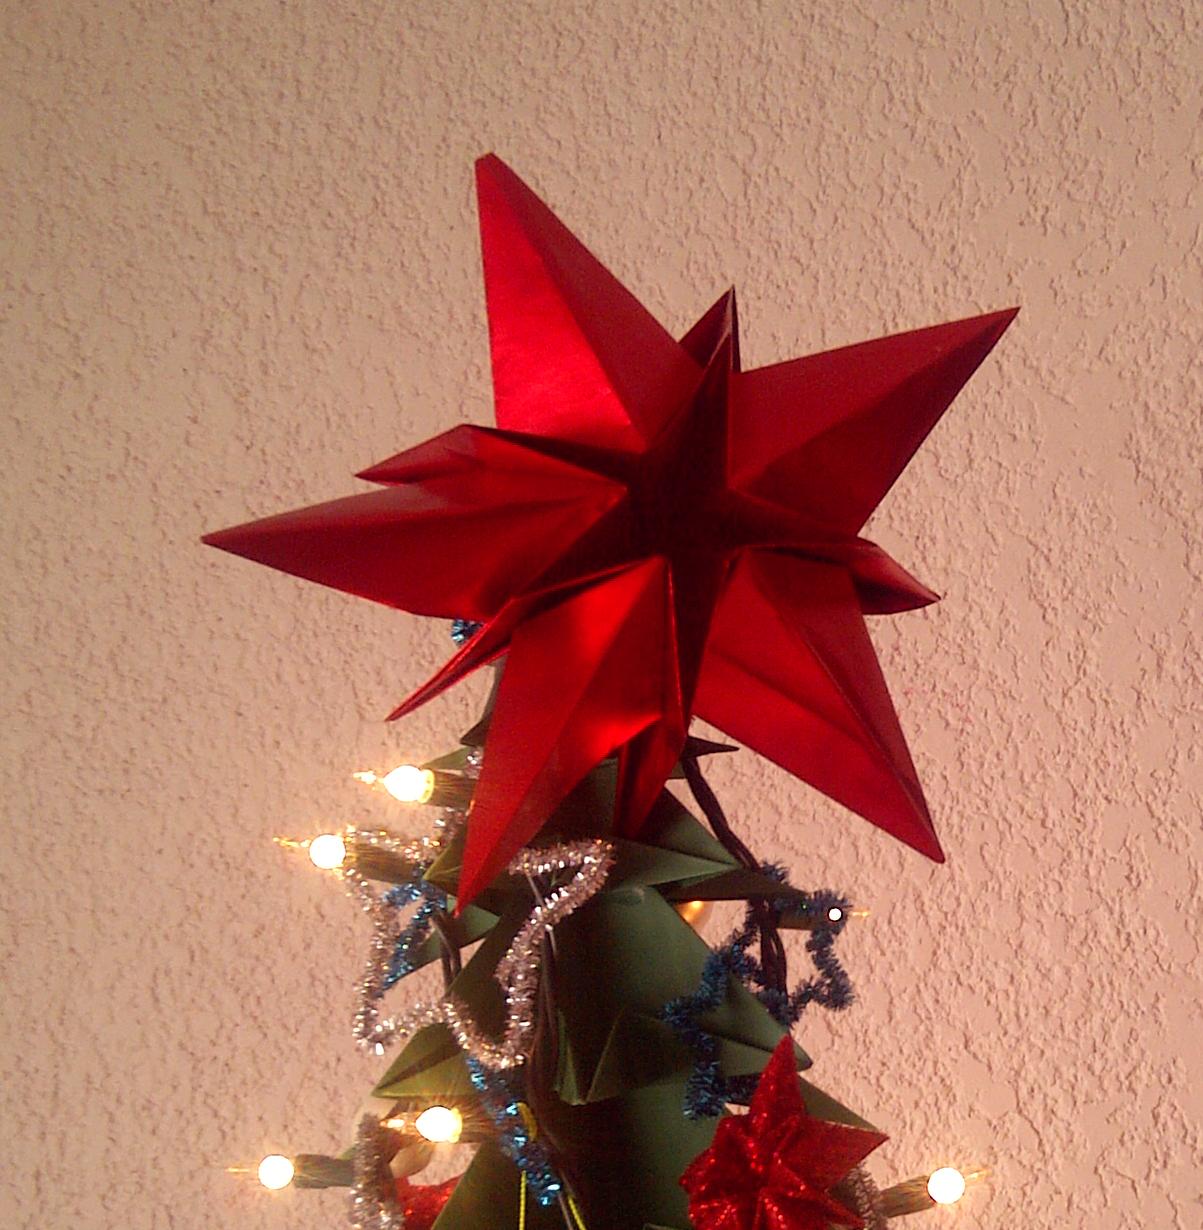 La vaca de papel estrella un peque o reto - Origami de una estrella ...